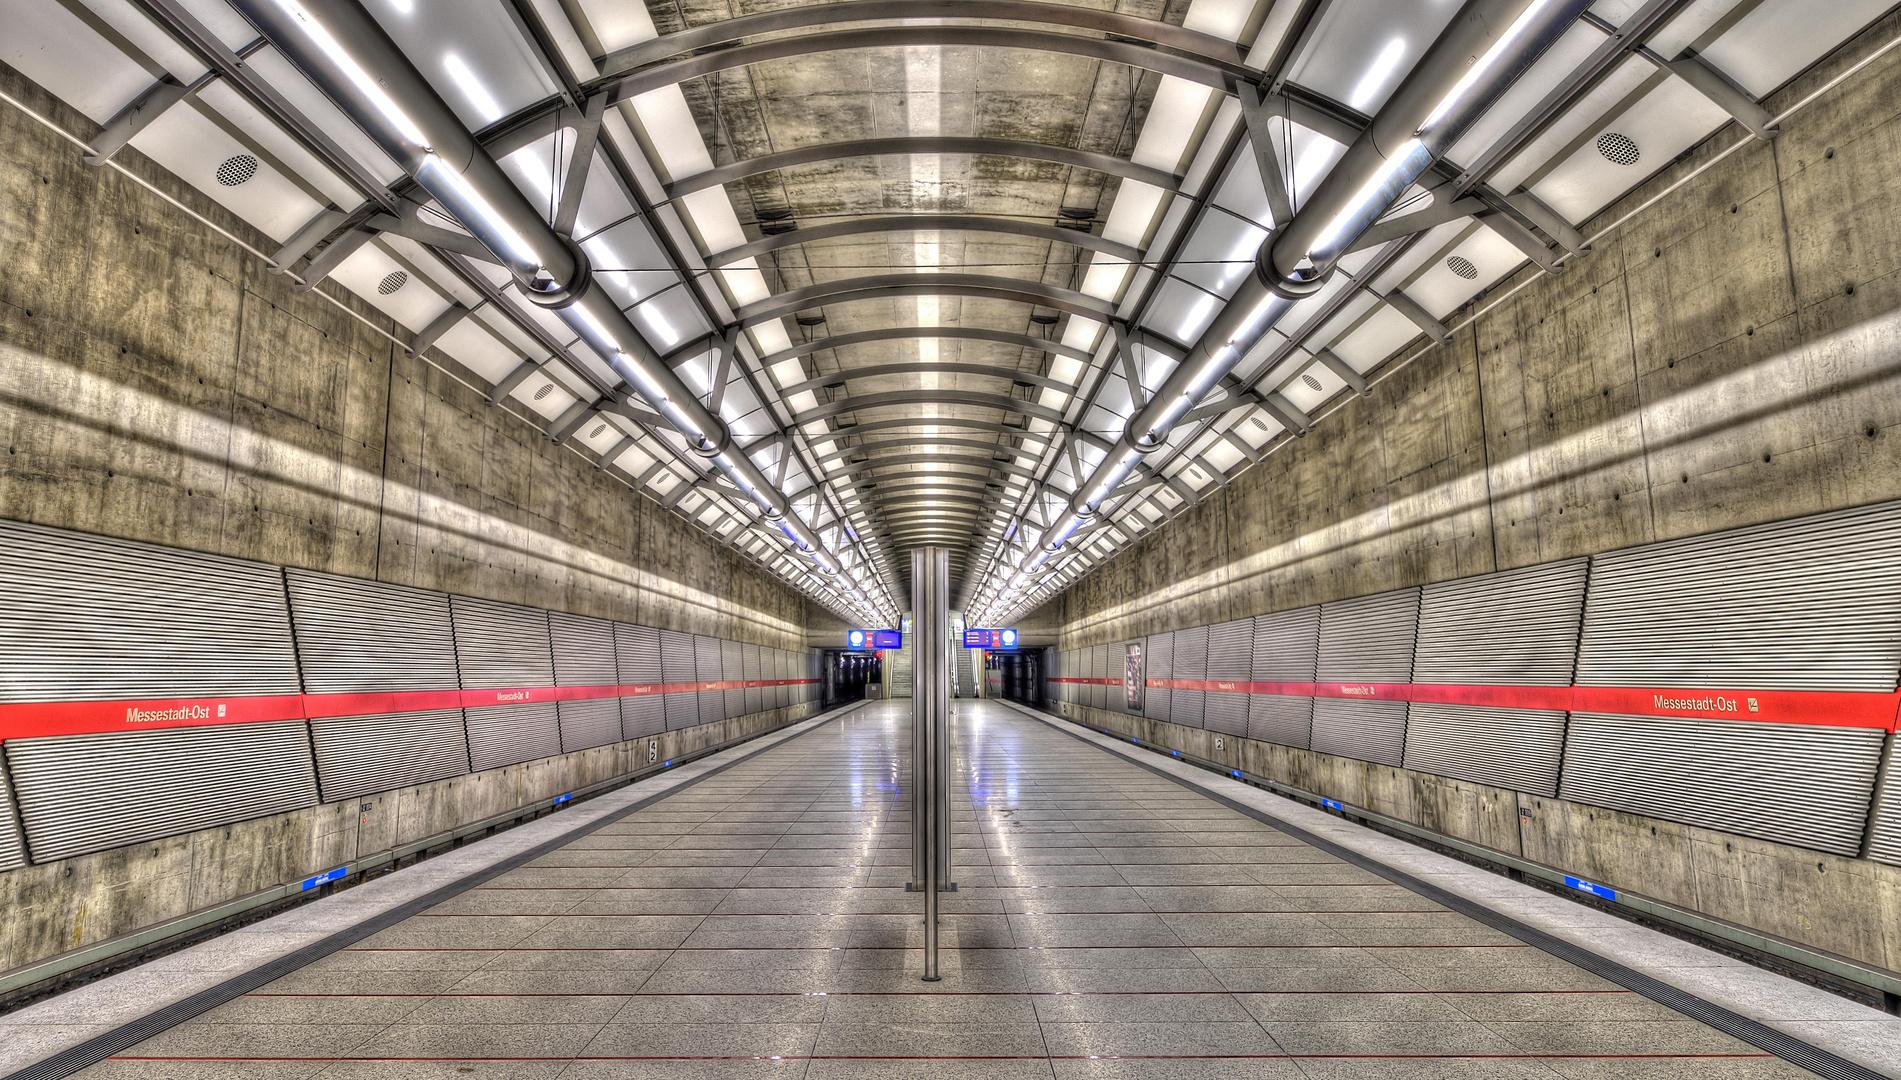 München Linie U2 Station Messestadt Ost Foto Bild